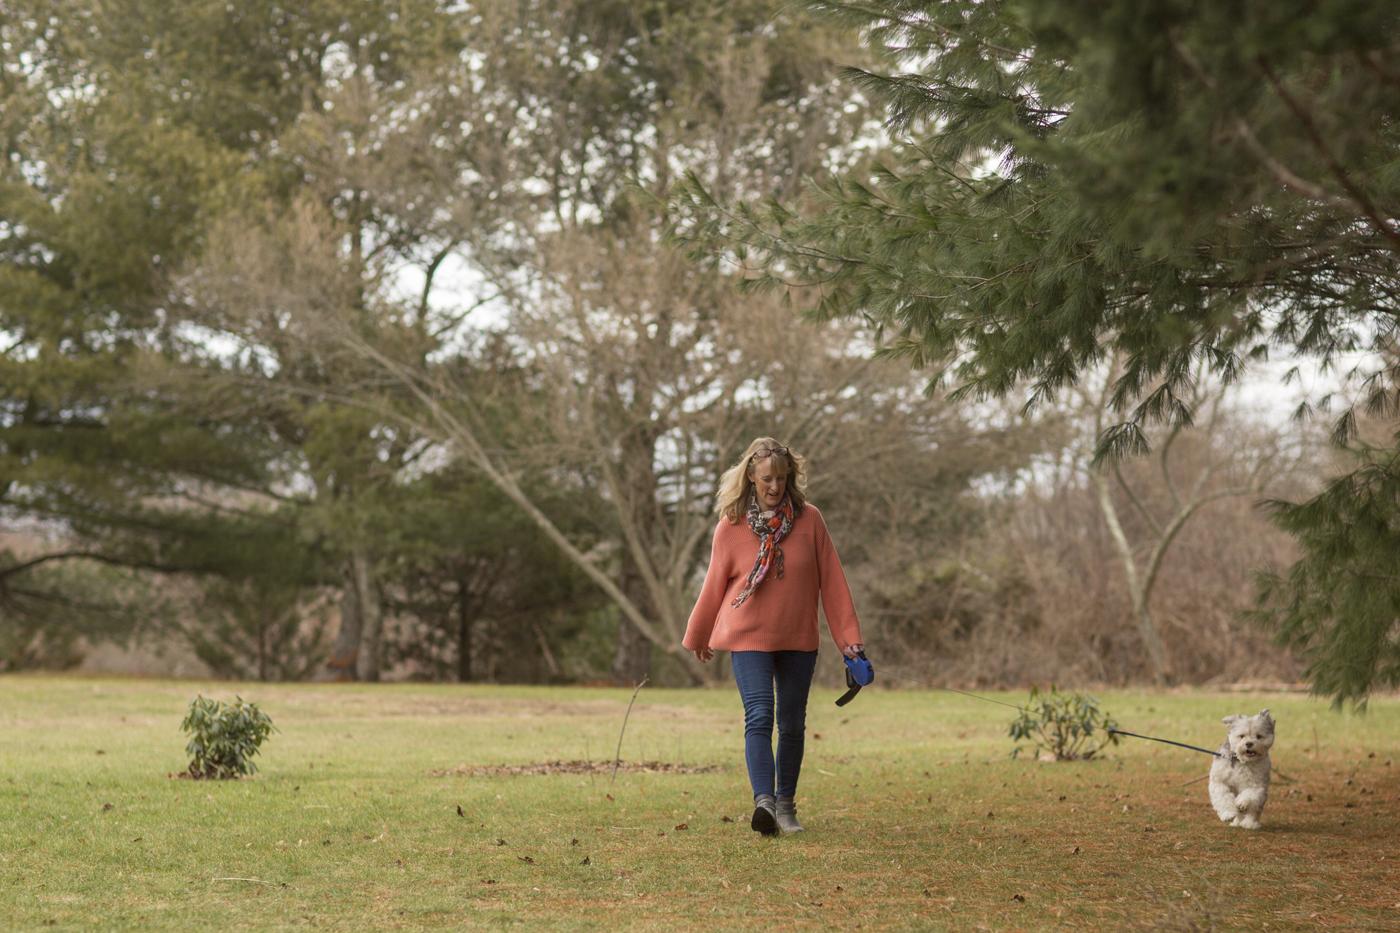 Faith walks outside.